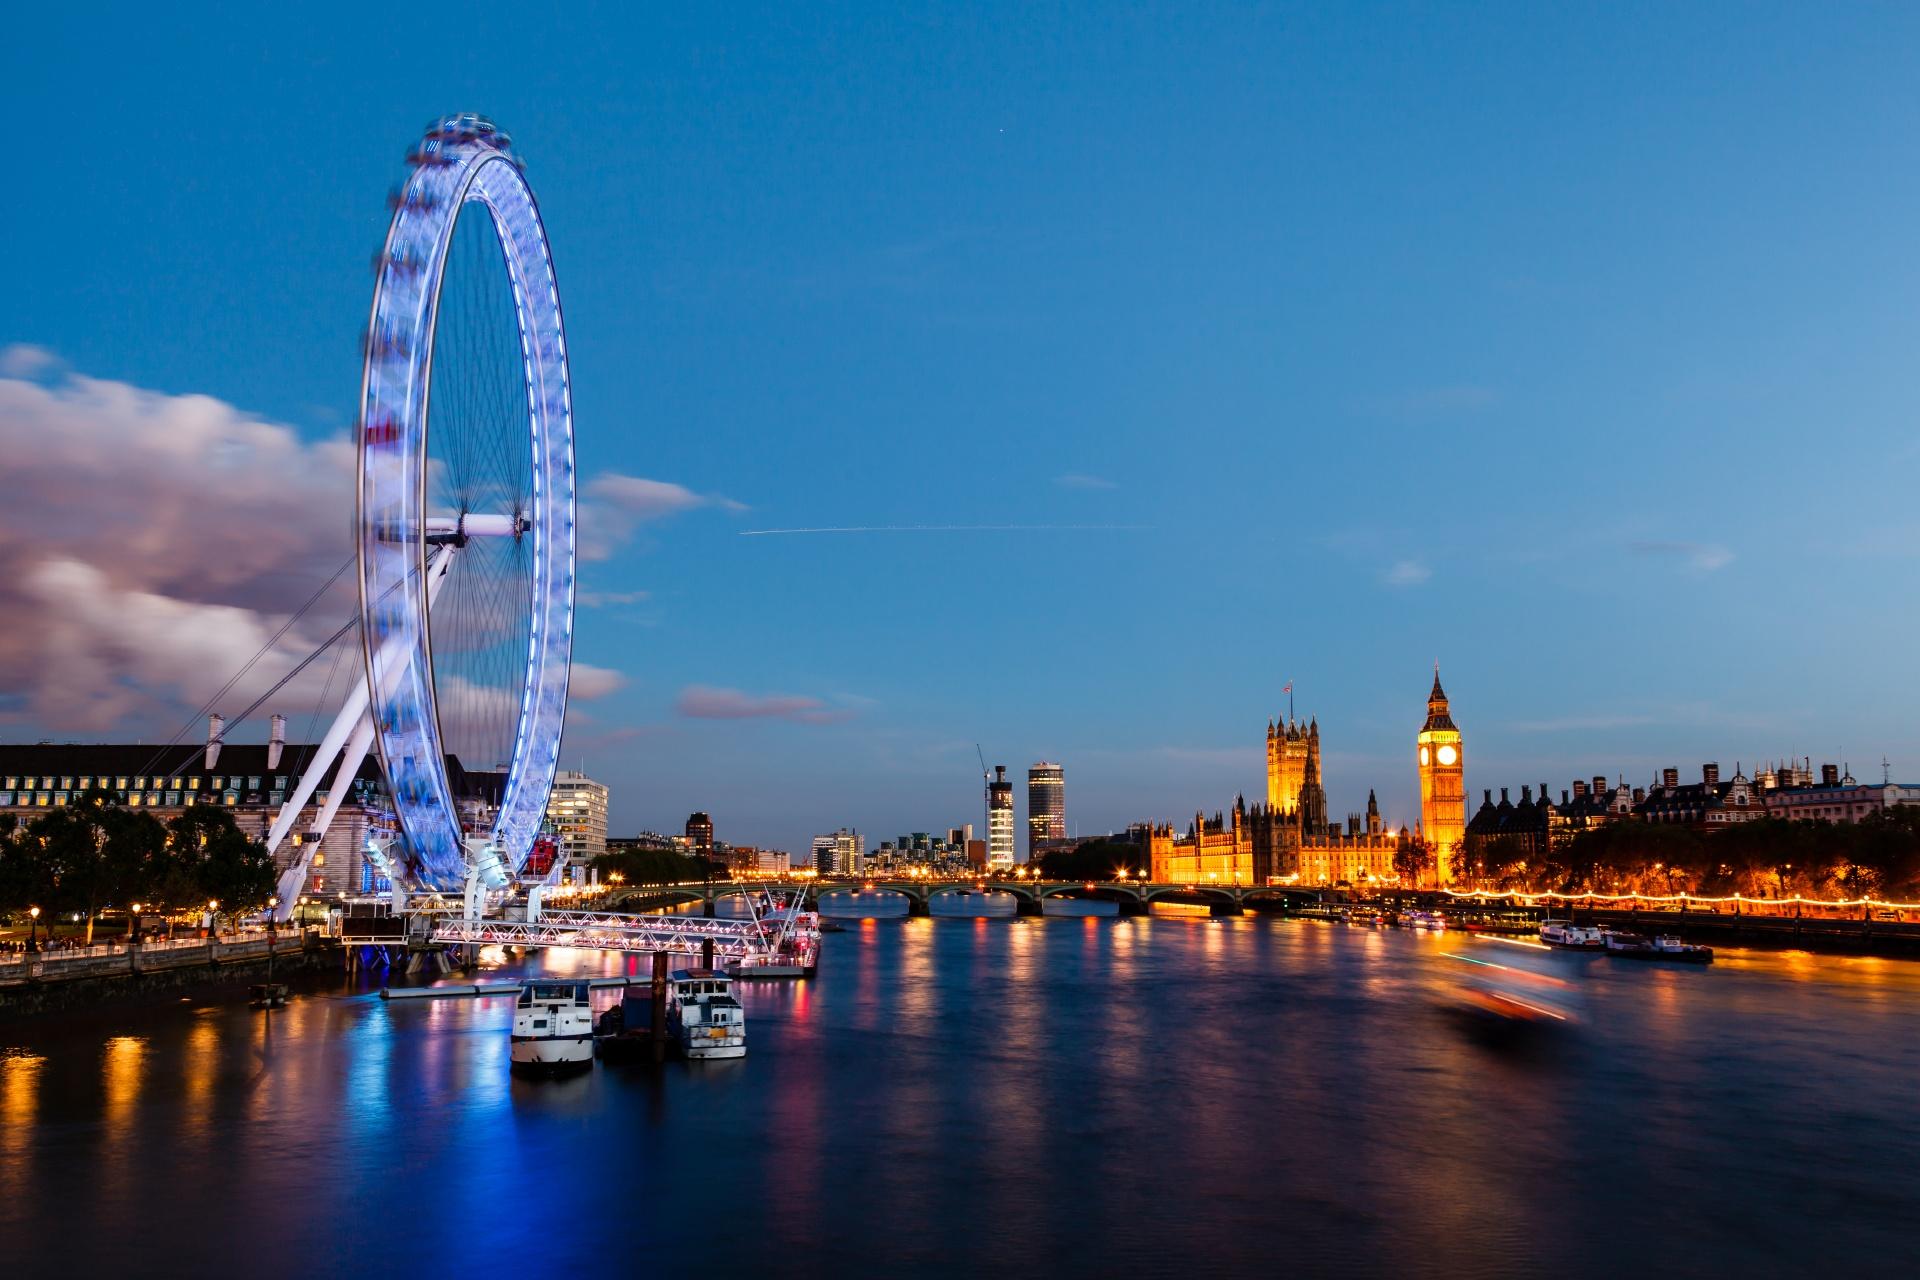 ロンドン・アイと夕暮れのロンドンの風景 イギリスの風景